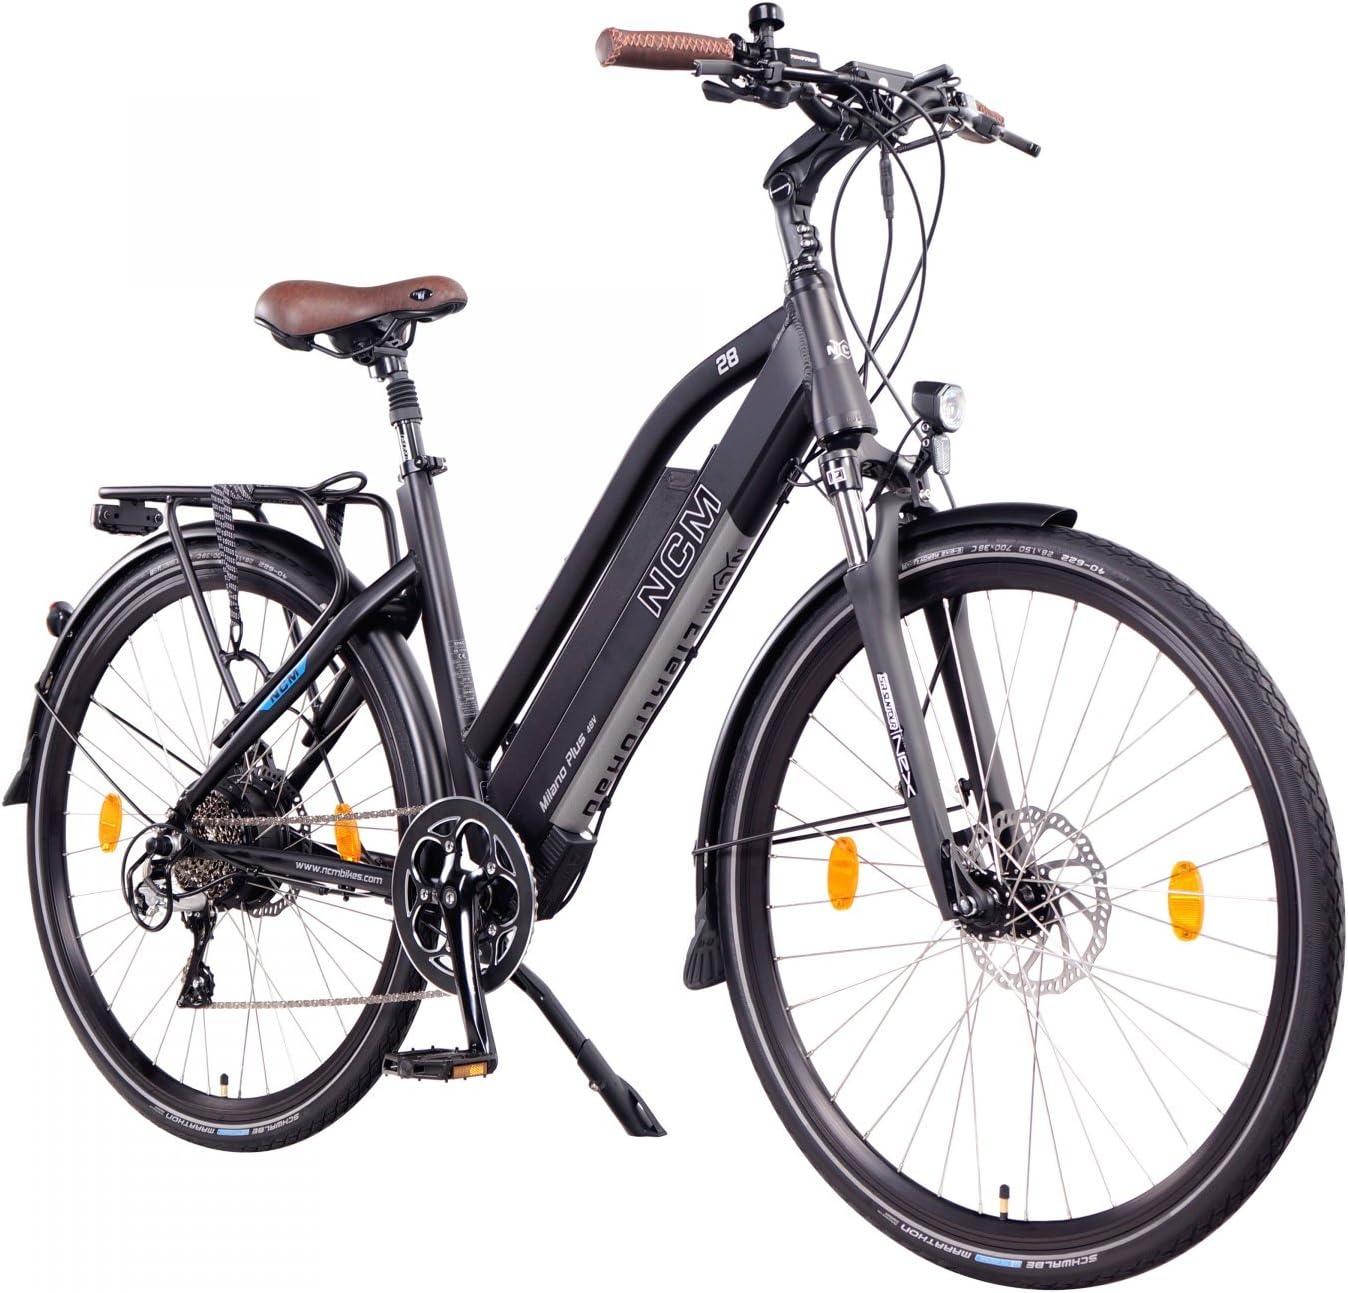 NCM Milano+ Bicicleta eléctrica urbana, 48V, 66 / 71cm, para hombre y mujer, 250W con el motor trasero, 14Ah 672WH batería Panasonic de ion de litio celdas, frenos hidráulicos, 8marchas.